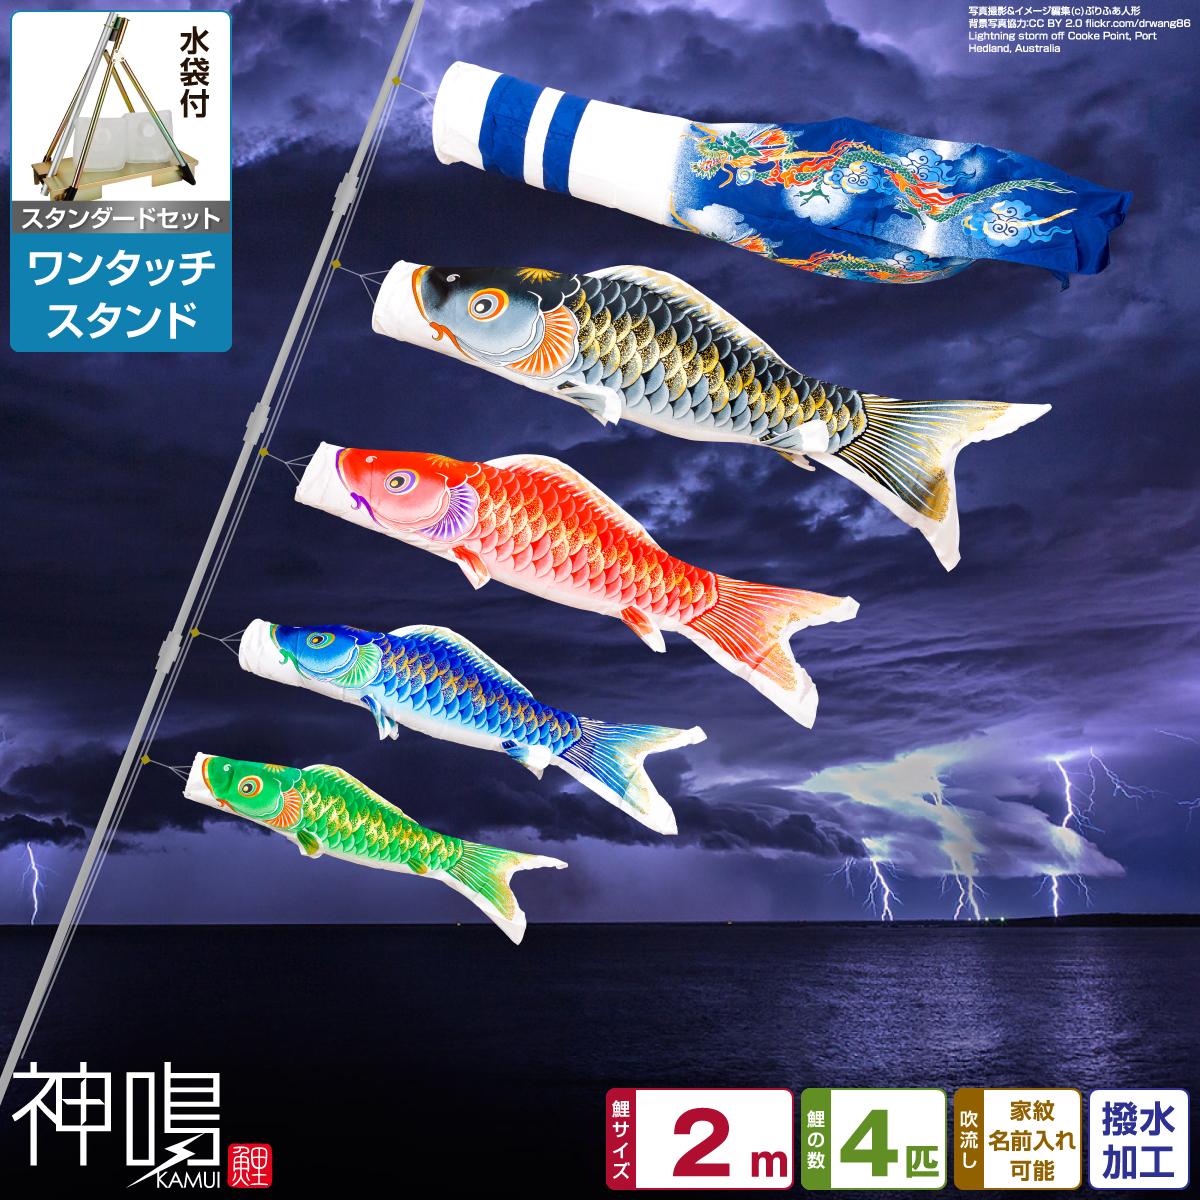 ベランダ用 鯉のぼり 神鳴鯉-KAMUI- 2m 7点(吹流し+鯉4匹+矢車+ロープ)/スタンダードセット(ワンタッチスタンド)